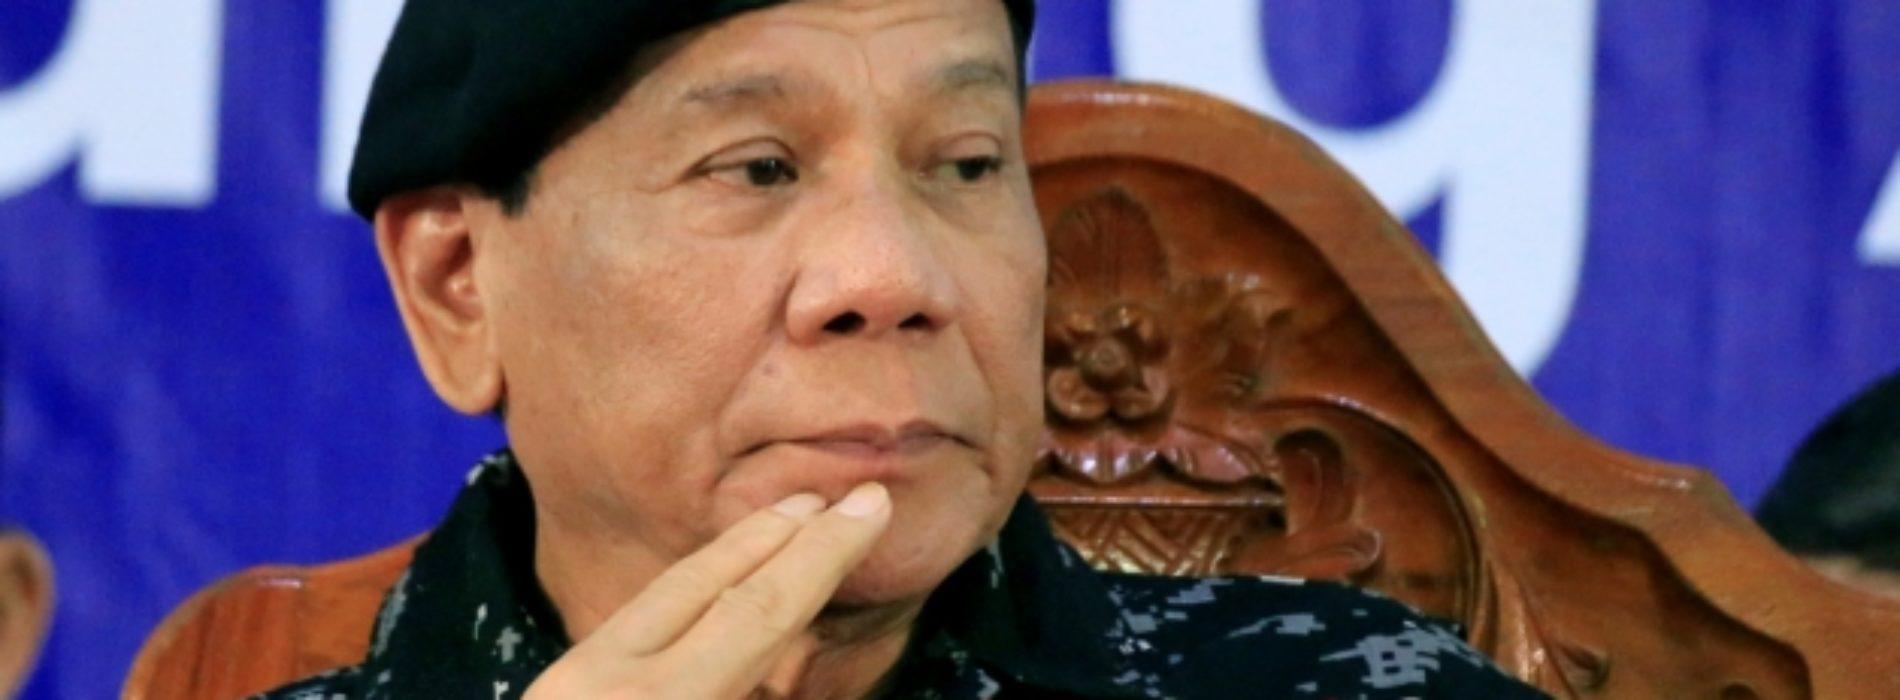 Стреляйте в ноги — президент Филиппин рассказал, как наказать коррупционеров